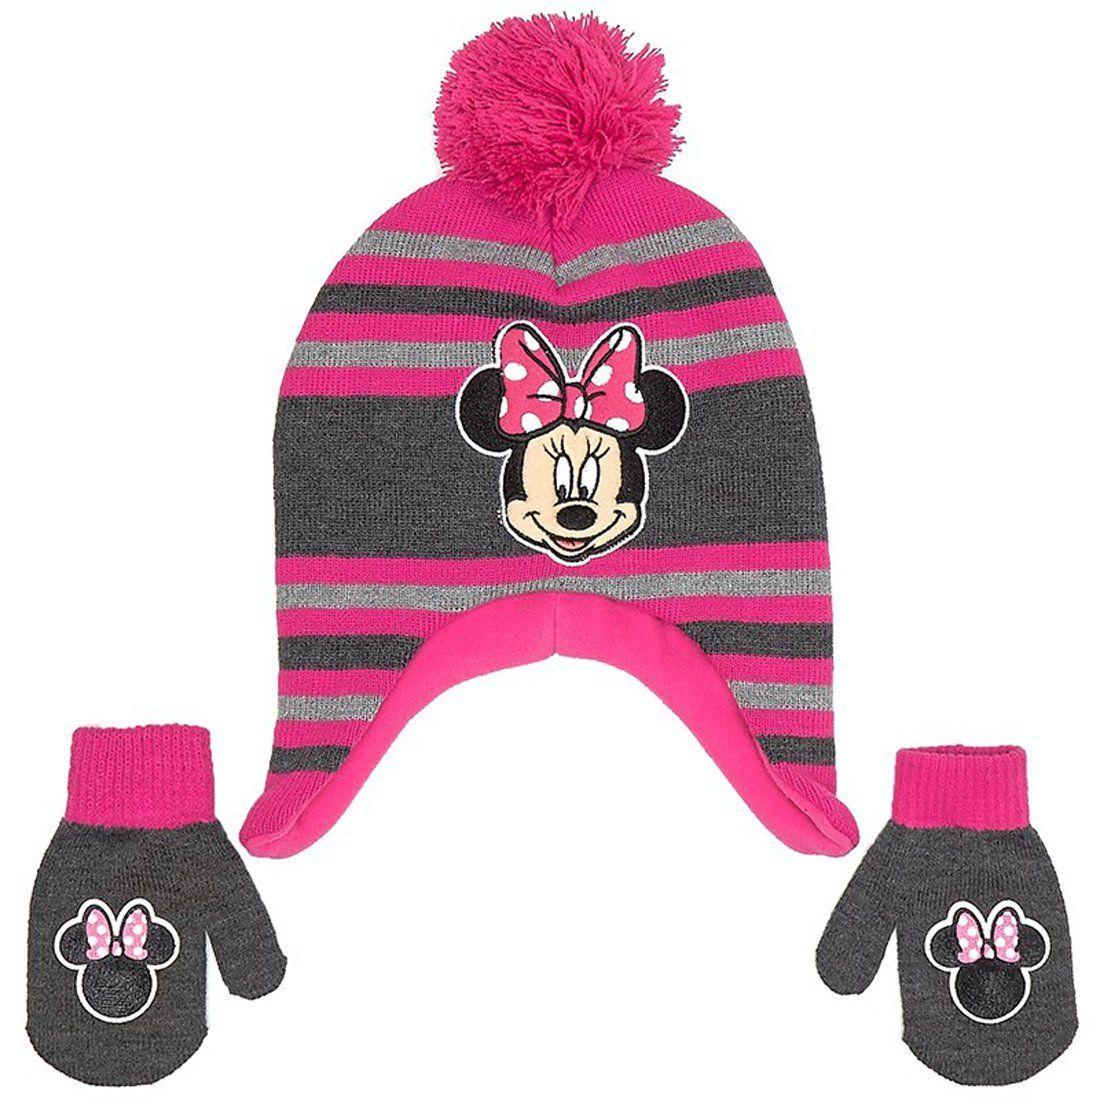 06c606b8cbd Disney Minnie Mouse Toddler Little Girls Pink Hat and Mitten Set. Super  cute fleece winter